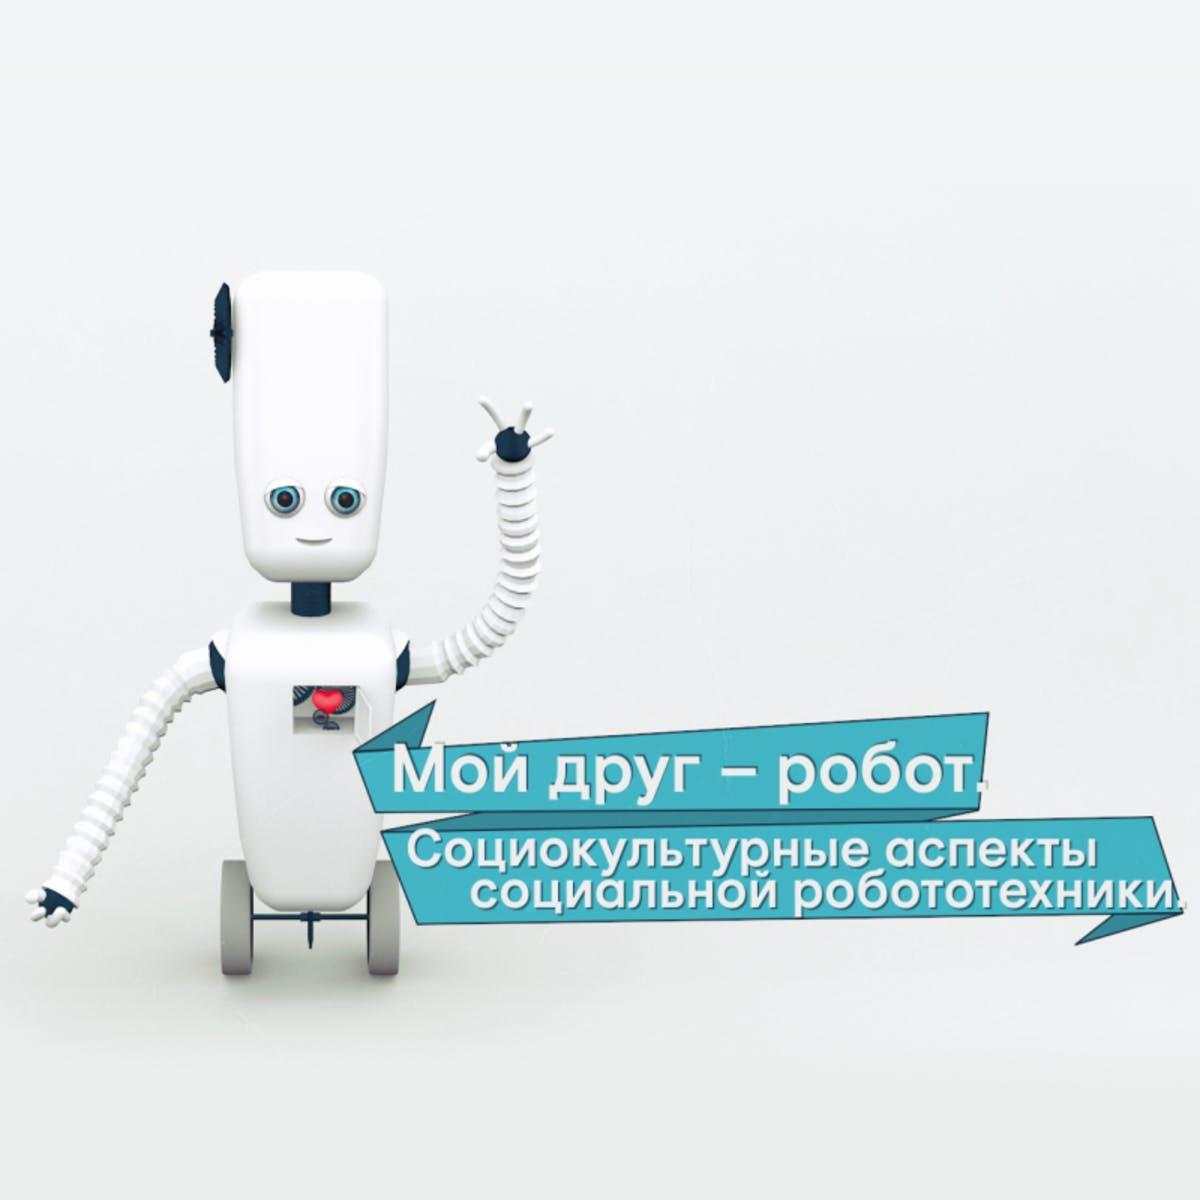 Мой друг – робот. Социокультурные аспекты социальной робототехники